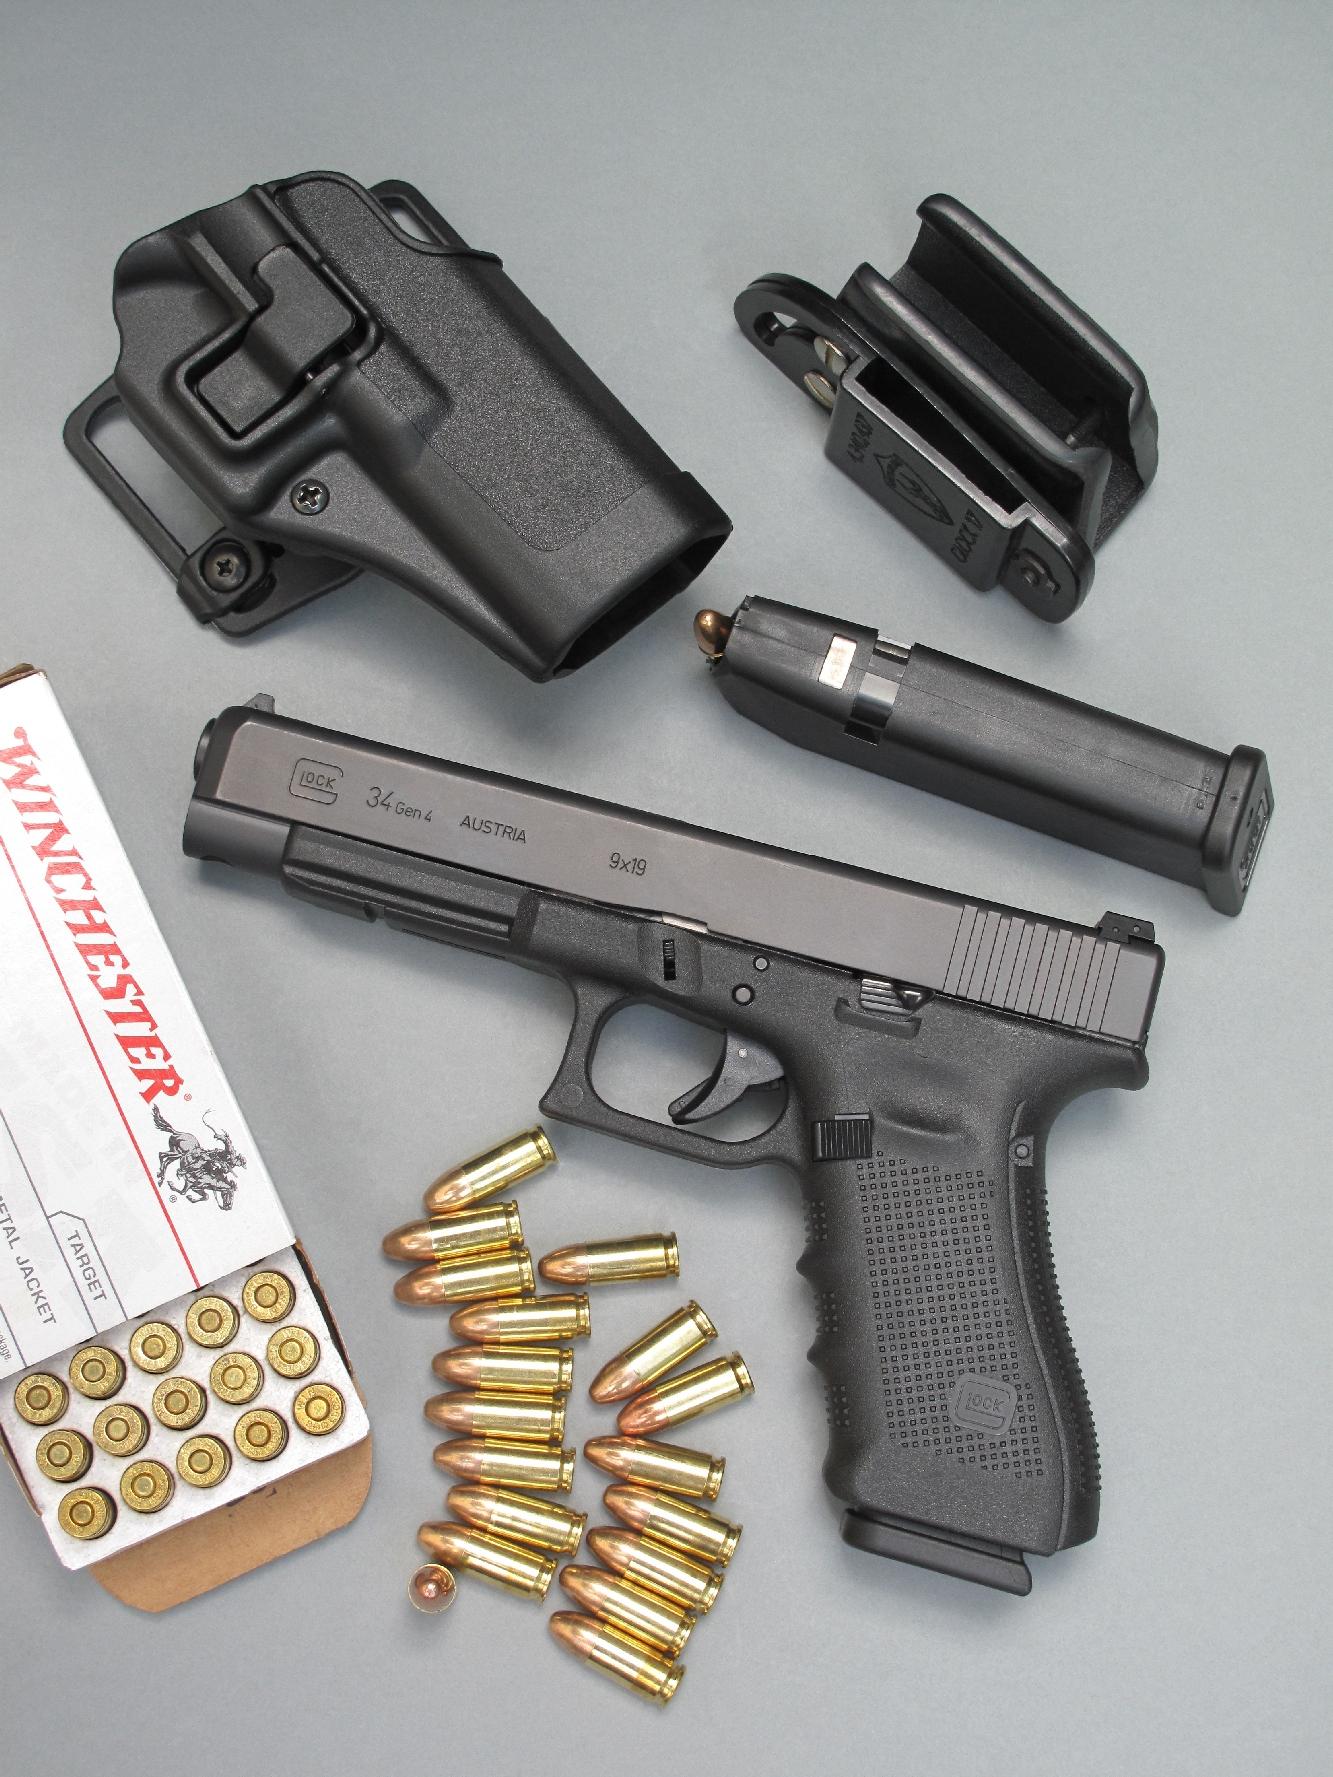 Le pistolet G34 Gen4 est accompagné ici par un holster actif CQC Serpa Concealment de la firme Blackhawk et un porte-chargeur de la marque Safariland. Le holster, moulé en polymère, dispose d'un système de rétention à mise en œuvre automatique dont le déverrouillage est obtenu au moyen d'un bouton-poussoir idéalement placé au niveau de l'index qui saisit l'arme. Le porte-chargeur, en polymère recouvert de cuir, dispose de réglages assurés par des vis au niveau de la rétention et de l'inclinaison.